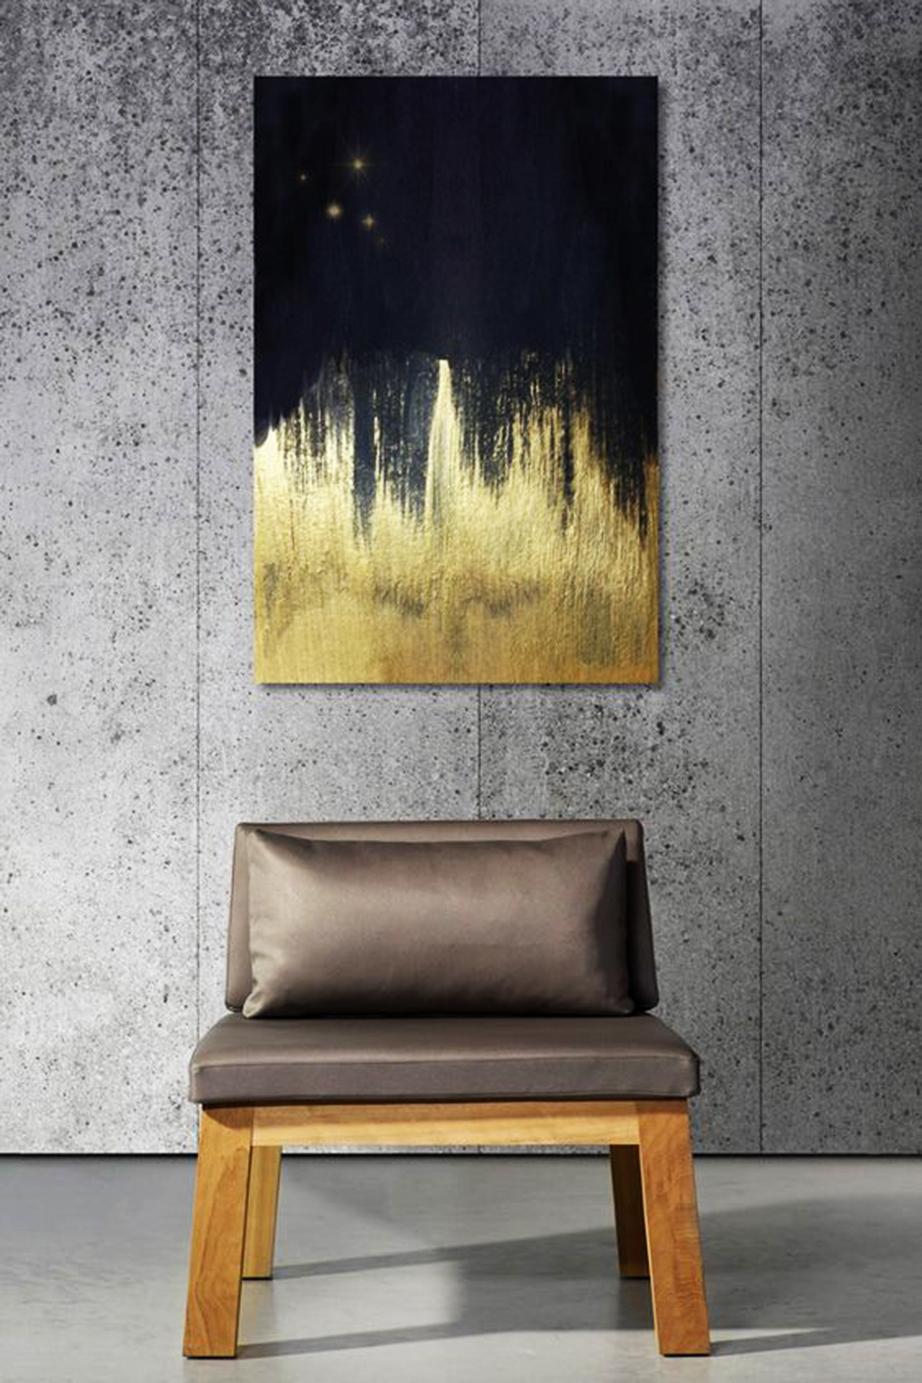 Μετατρέψτε ένα απλό τελάρο από καμβά σε ένα έργο τέχνης στον τοίχο σας.